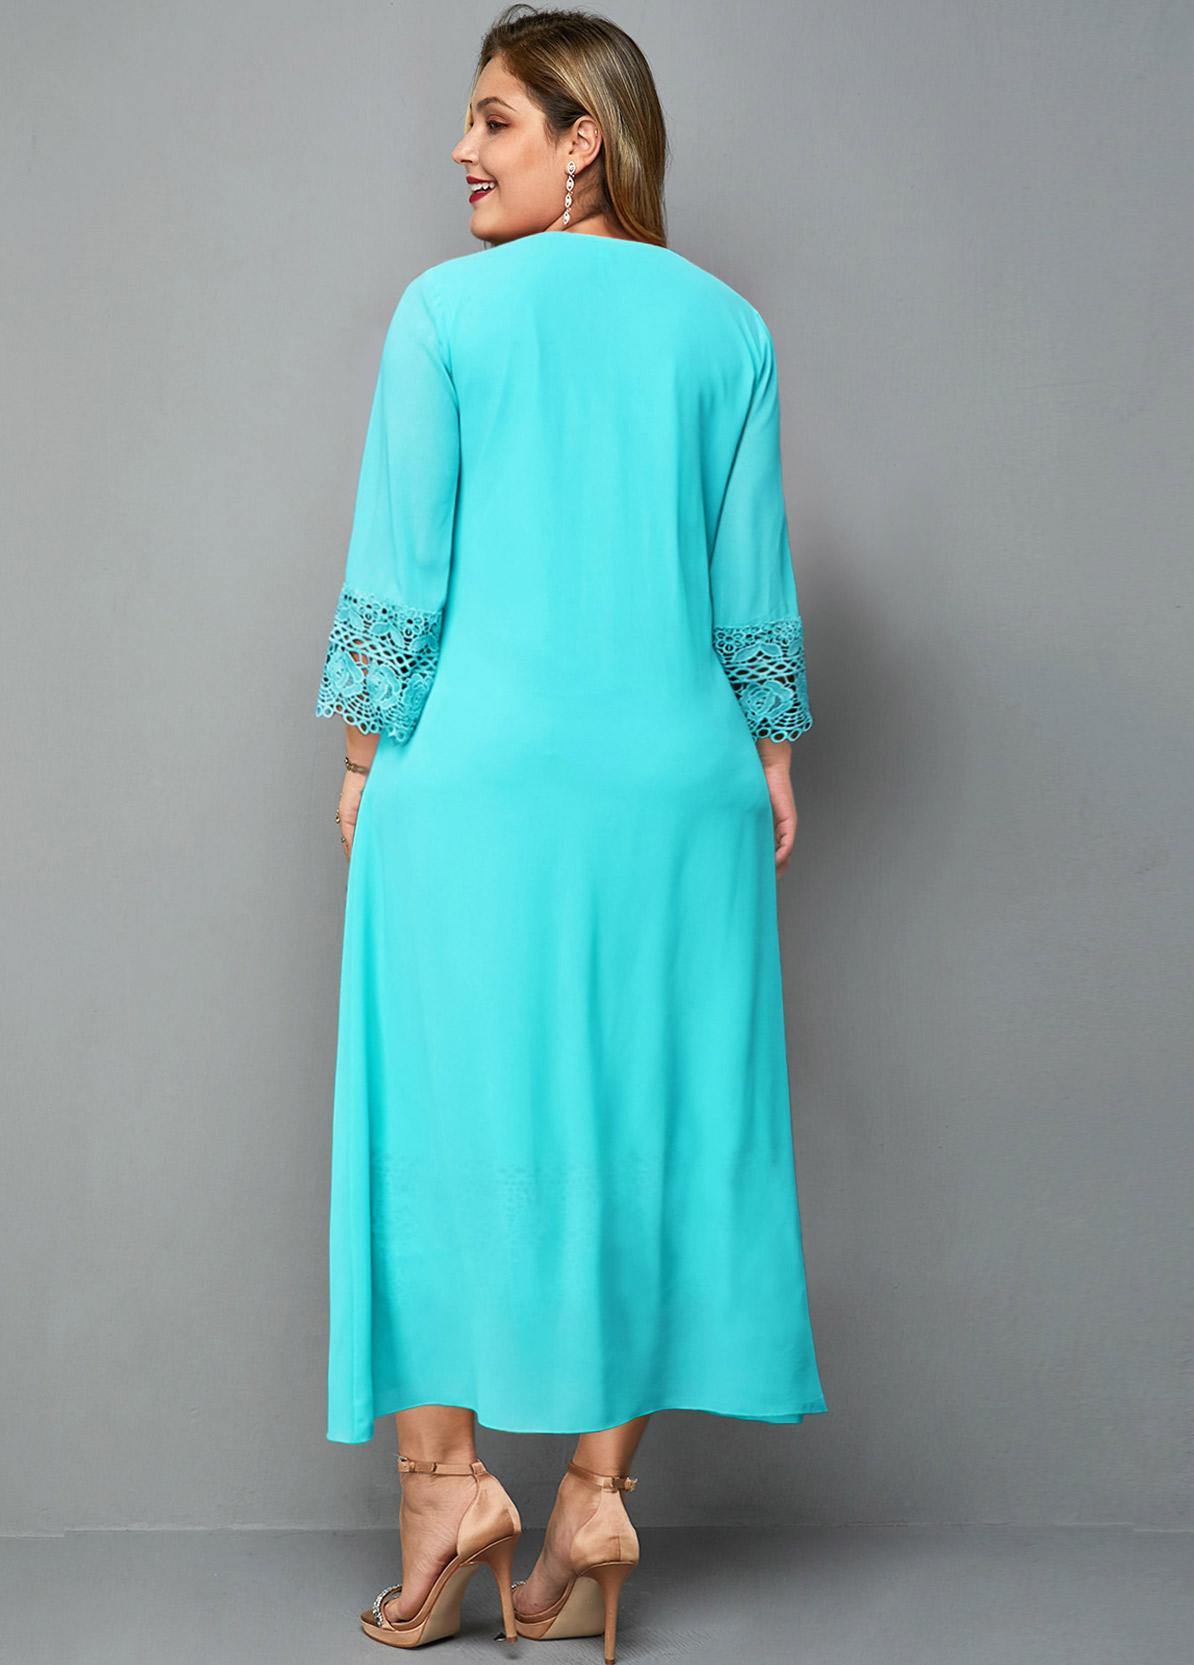 Lace Panel Knot Detail Plus Size Dress